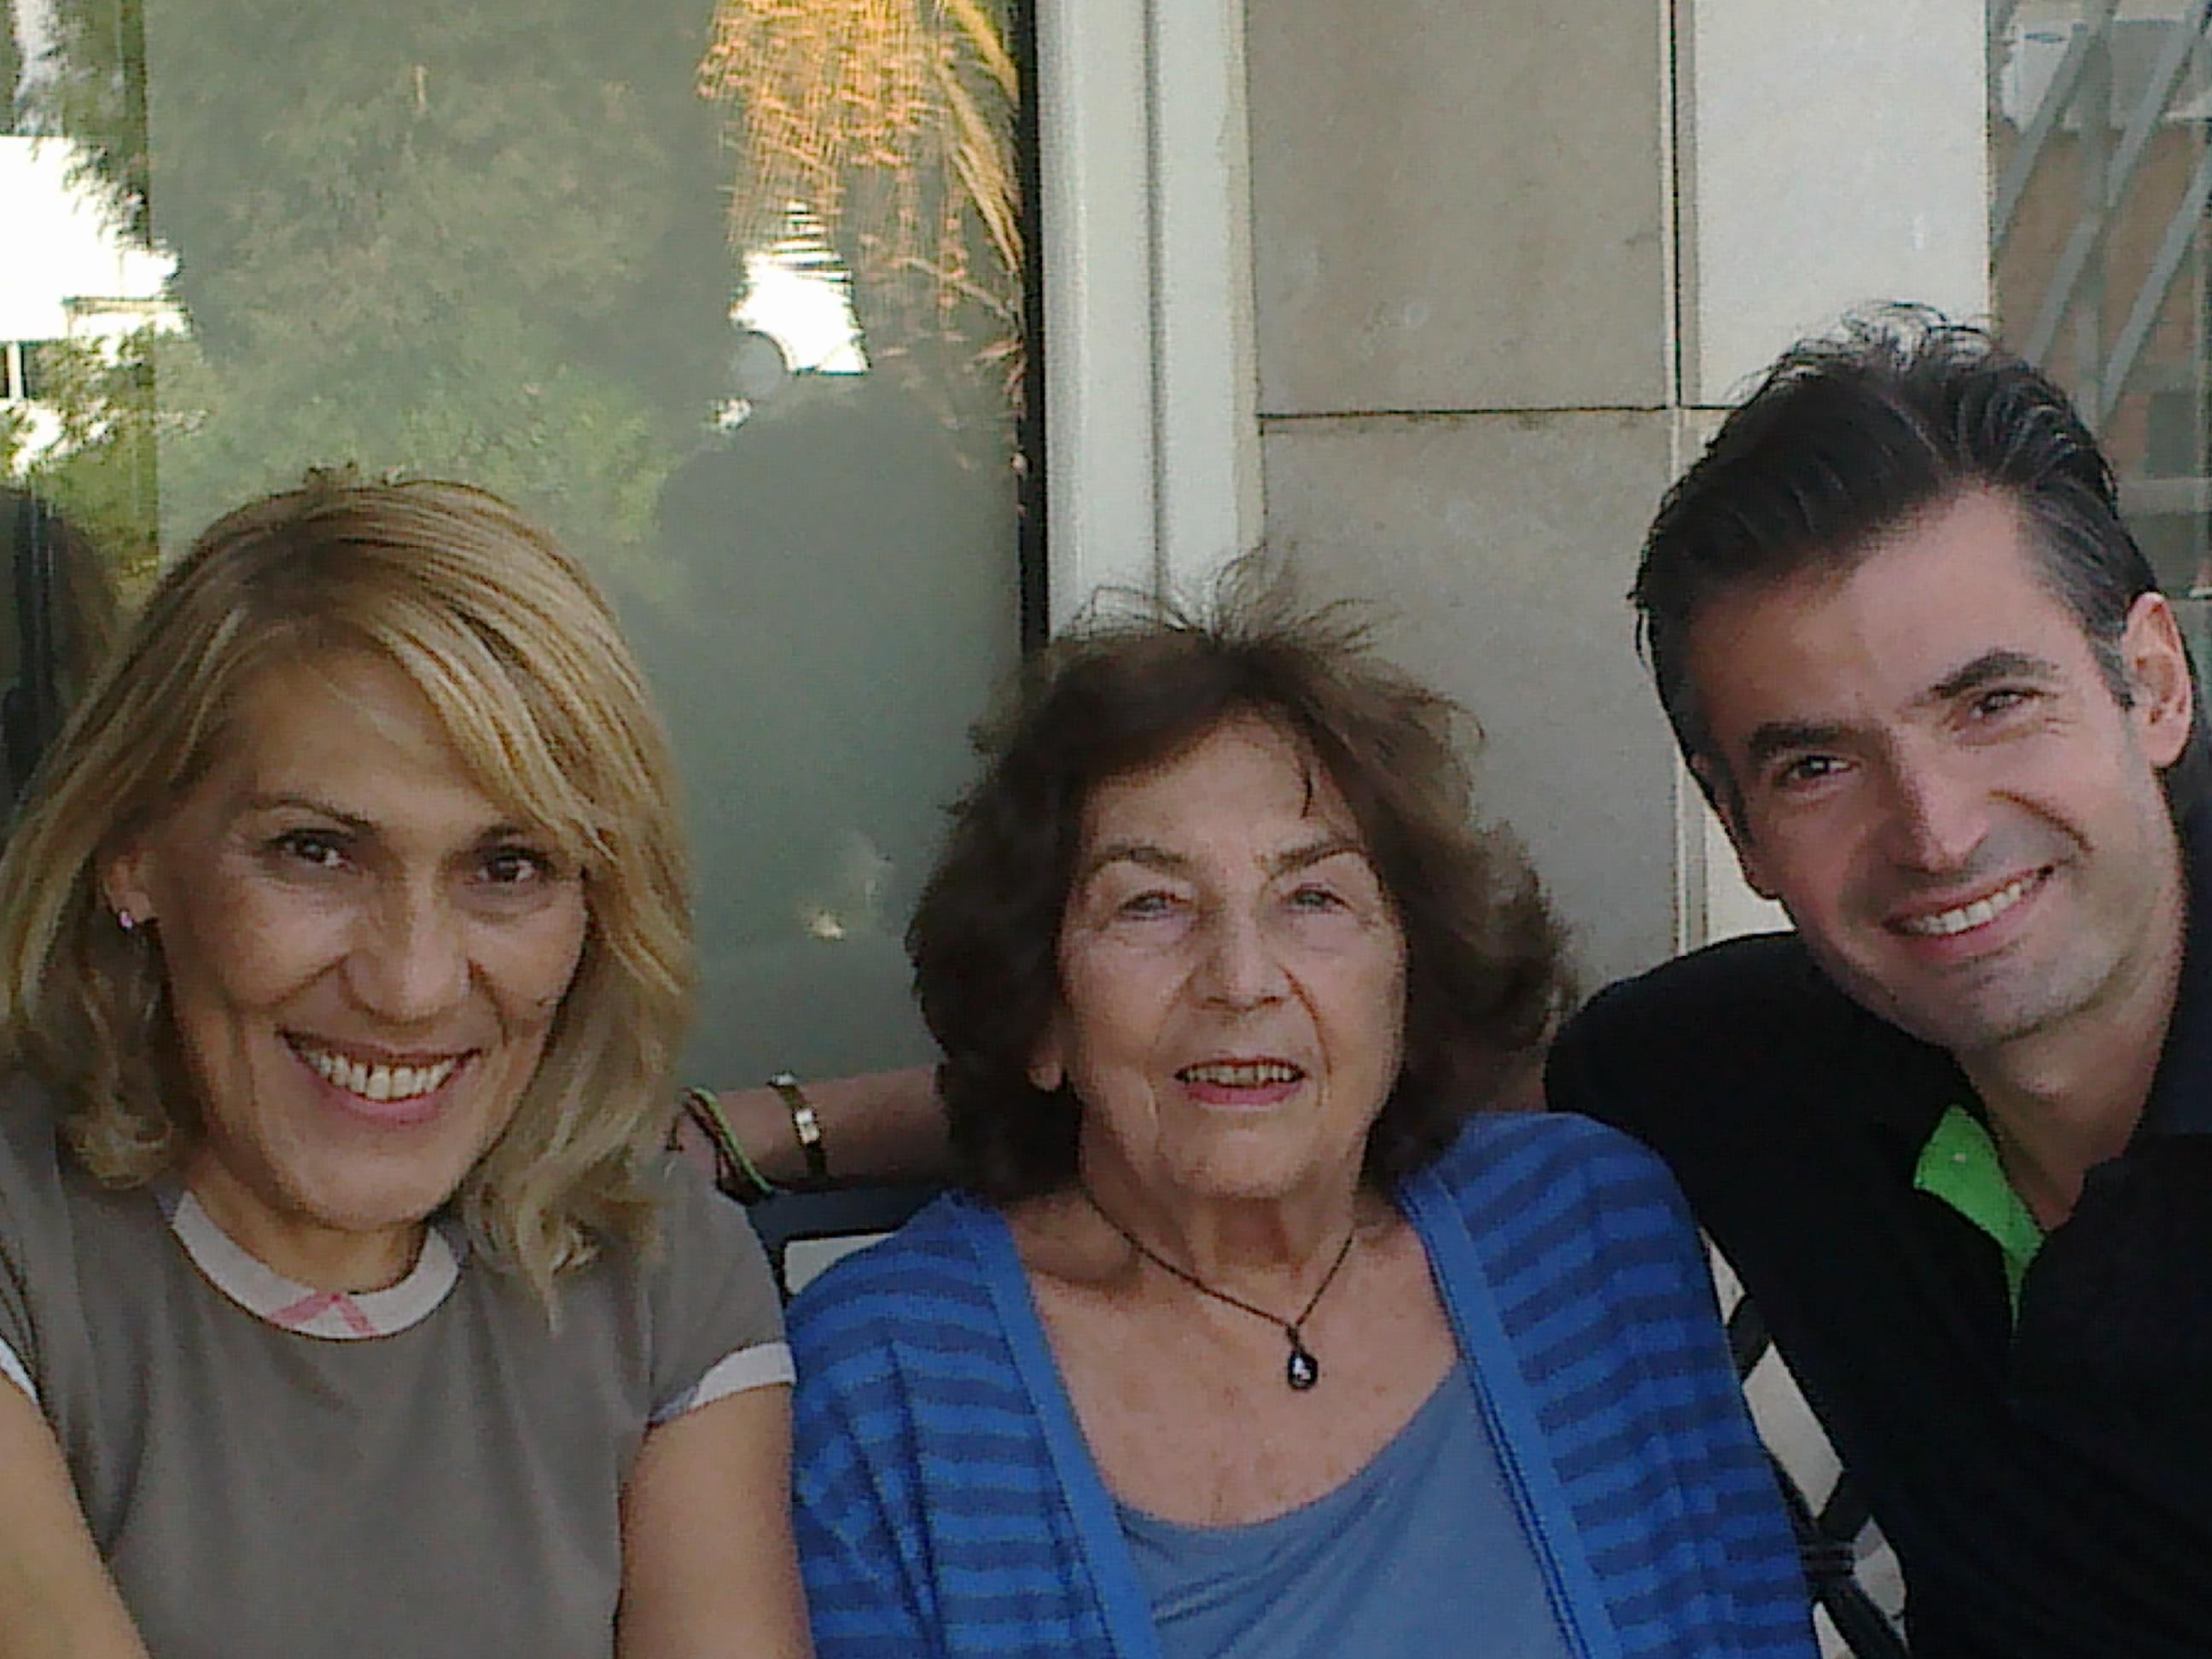 ΑΝΝΑ ΒΕΡΟΥΛΗ-ΑΛΚΗ ΖΕΗ-ΝΙΚΟΣ ΜΙΧΑΛΟΠΟΥΛΟΣ-ΚΥΠΡΟΣ 2012